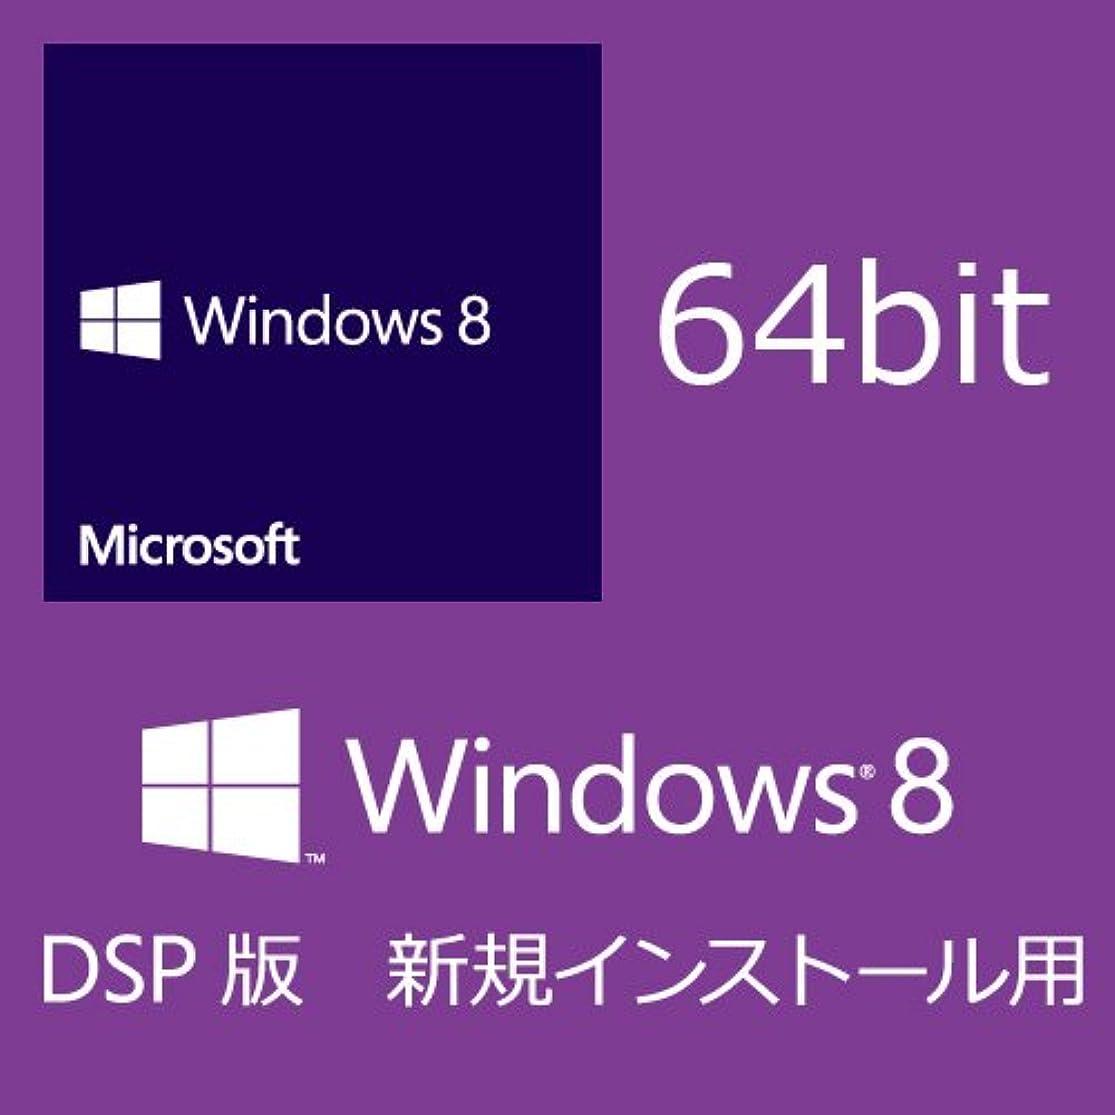 出血速度思慮深い【旧商品】Microsoft Windows 8 (DSP版) 64bit 日本語(新規インストール用)